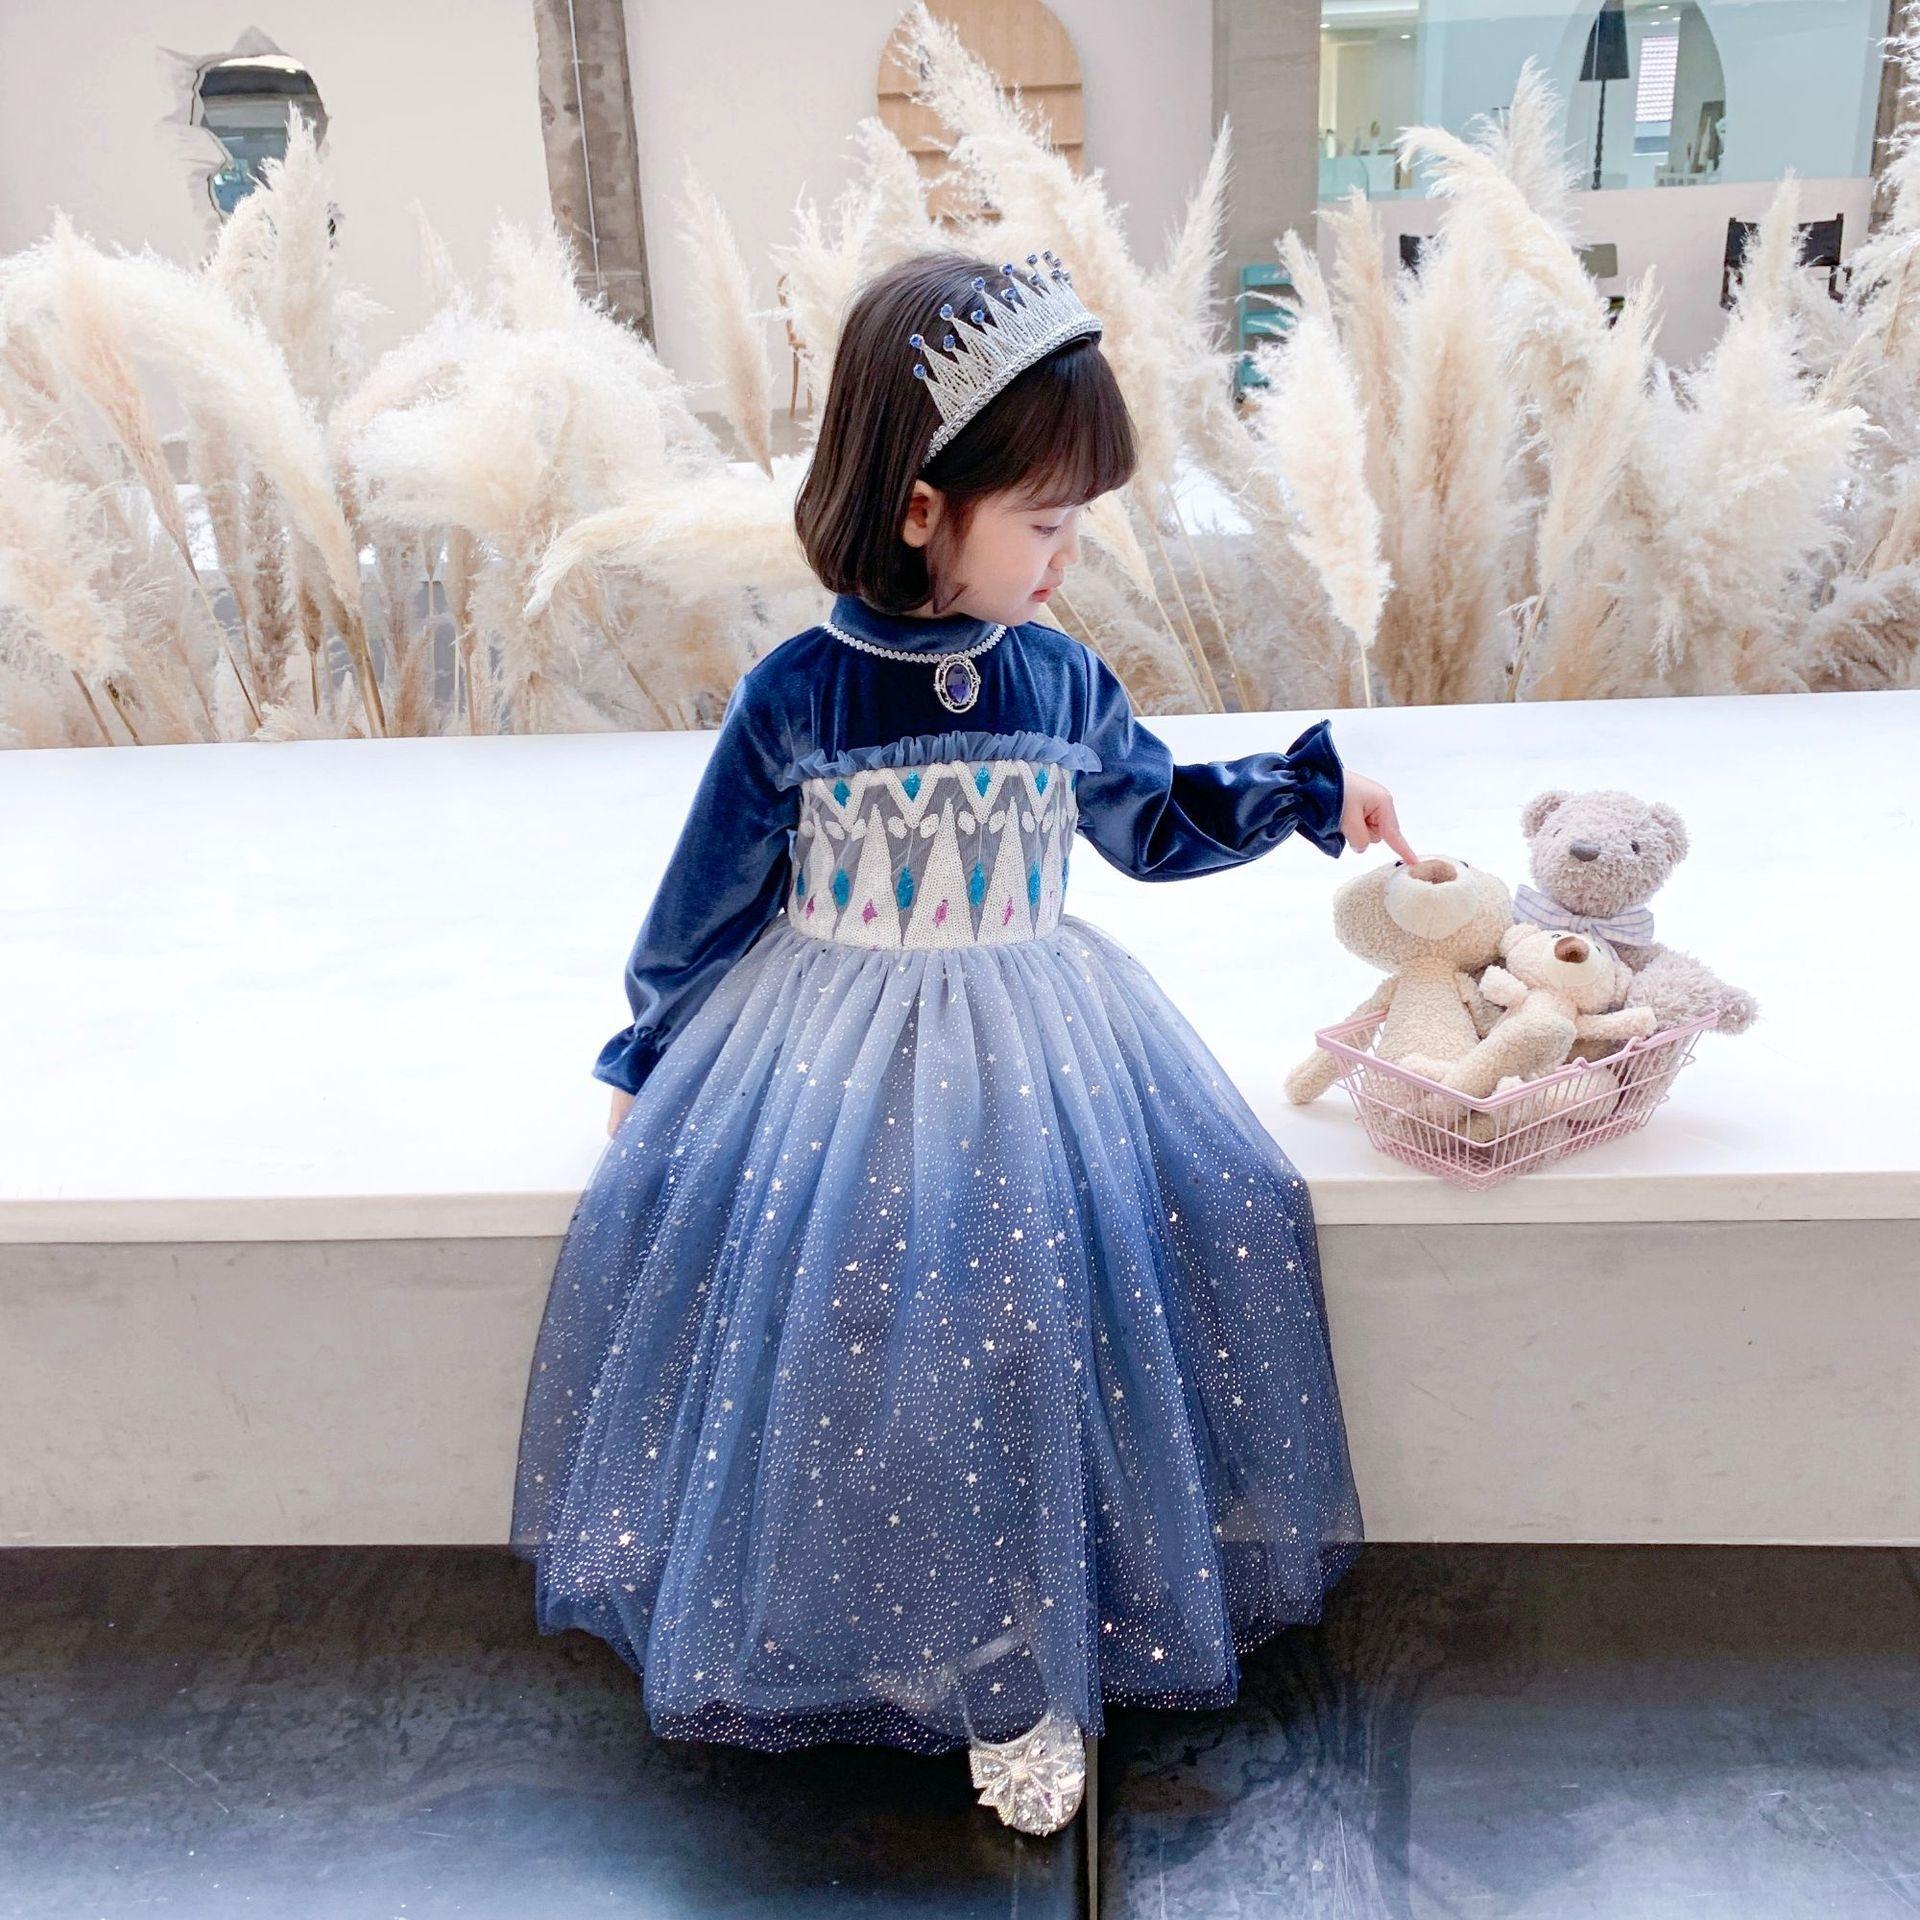 K2AR HA Ciao Godetevi Bambini Abiti da ragazza 2020 Summer Toddler Baby Dot Polka New Princess Casual Party Abiti per bambini Bambini Vestiti per bambini